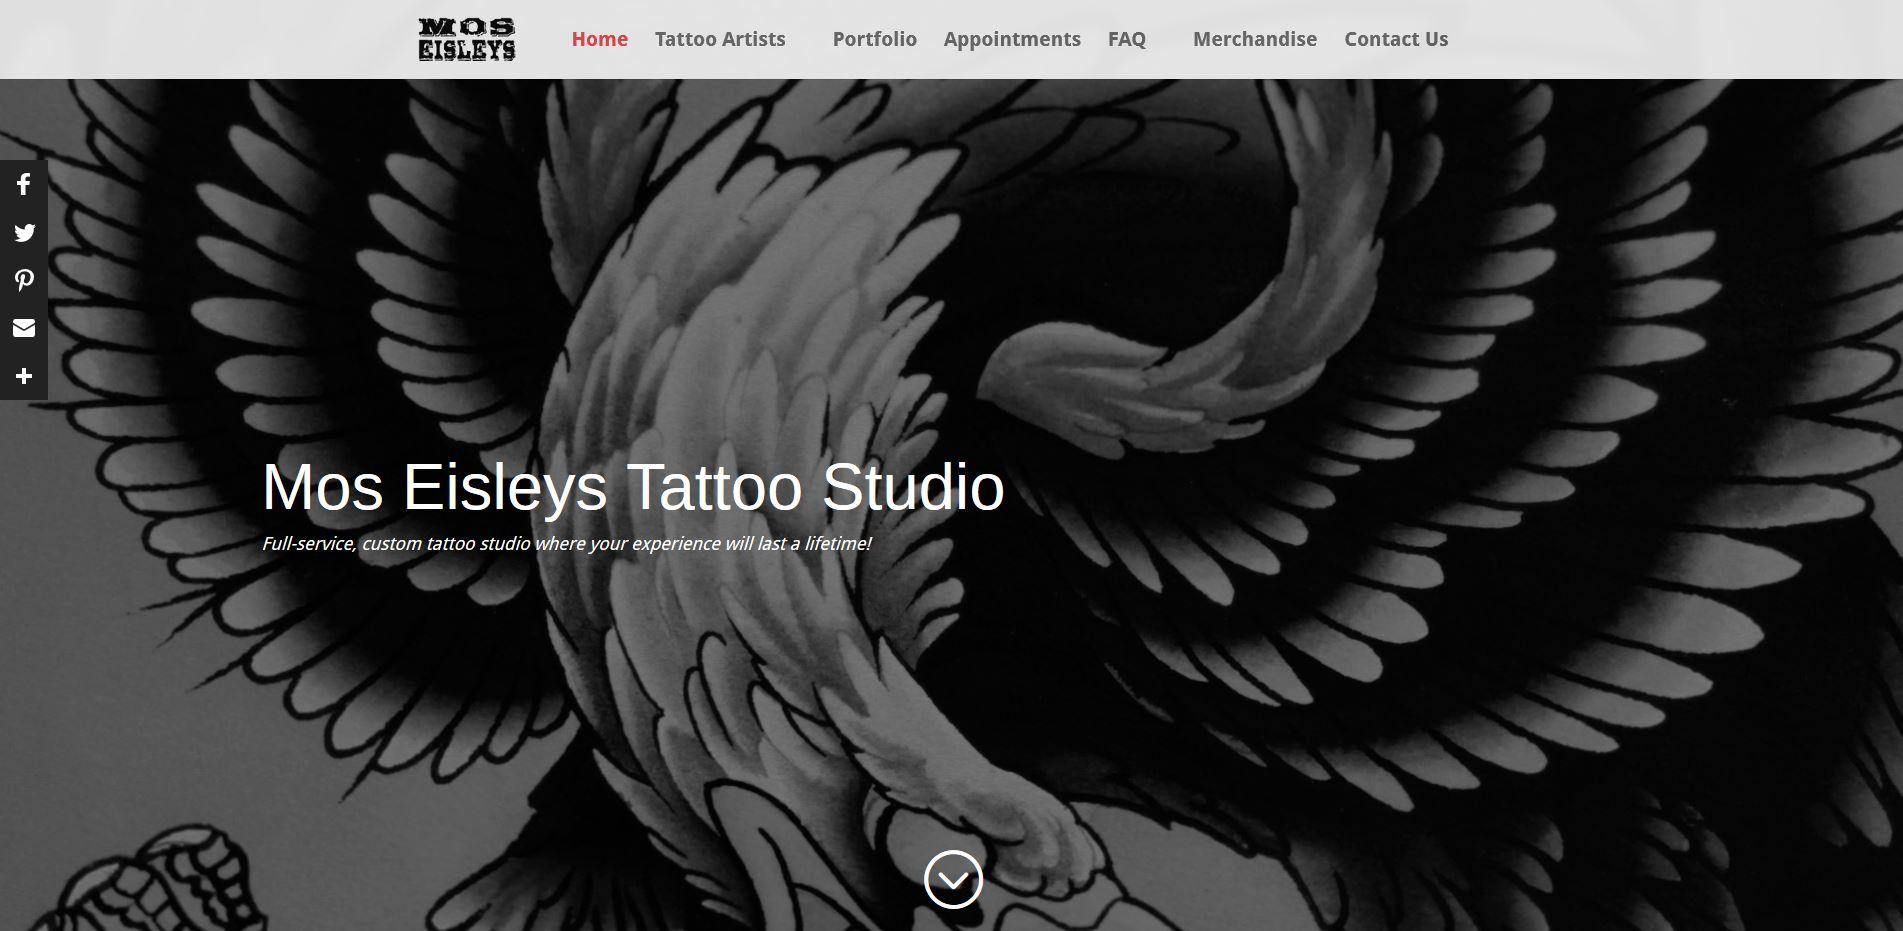 6ddb1d6c6 Mos Eisleys Tattoo Studio – Sites by Adam